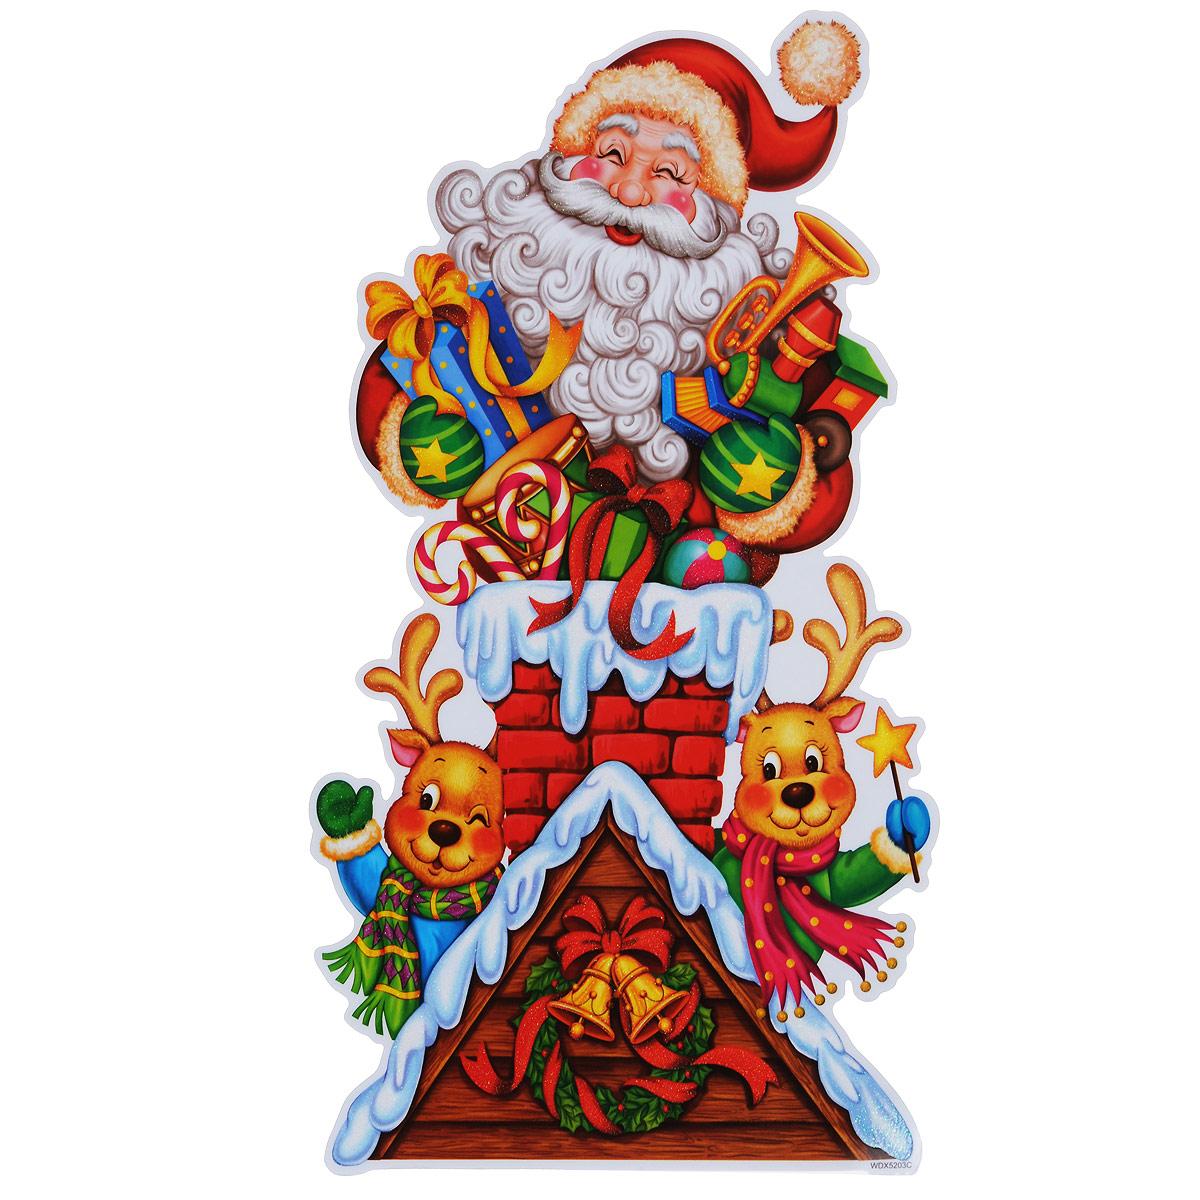 Новогоднее оконное украшение Room Decoration Дед Мороз и оленята, 42 х 24 смWDX5203CНовогоднее оконное украшение Room Decoration Дед Мороз и оленята поможет украсить дом к предстоящим праздникам. На одном листе расположены одна наклейка в виде изображения деда мороза с оленятами. Яркие изображения нанесенына прозрачную виниловую пленку и крепятся к гладкой поверхности стекла посредством статического эффекта. Наклейки декорированы блестками. Наклейки не содержат клея, не оставляют следов и идеальны для многоразового использования. Также имеется инструкция на русском языке.Новогодние украшения всегда несут в себе волшебство и красоту праздника. Создайте в своем доме атмосферу тепла, веселья и радости, украшая его всей семьей.Материал: виниловая пленка. Размер листа: 42 см х 24 см. Размер наклейки: 41,5 см х 22,5 см.